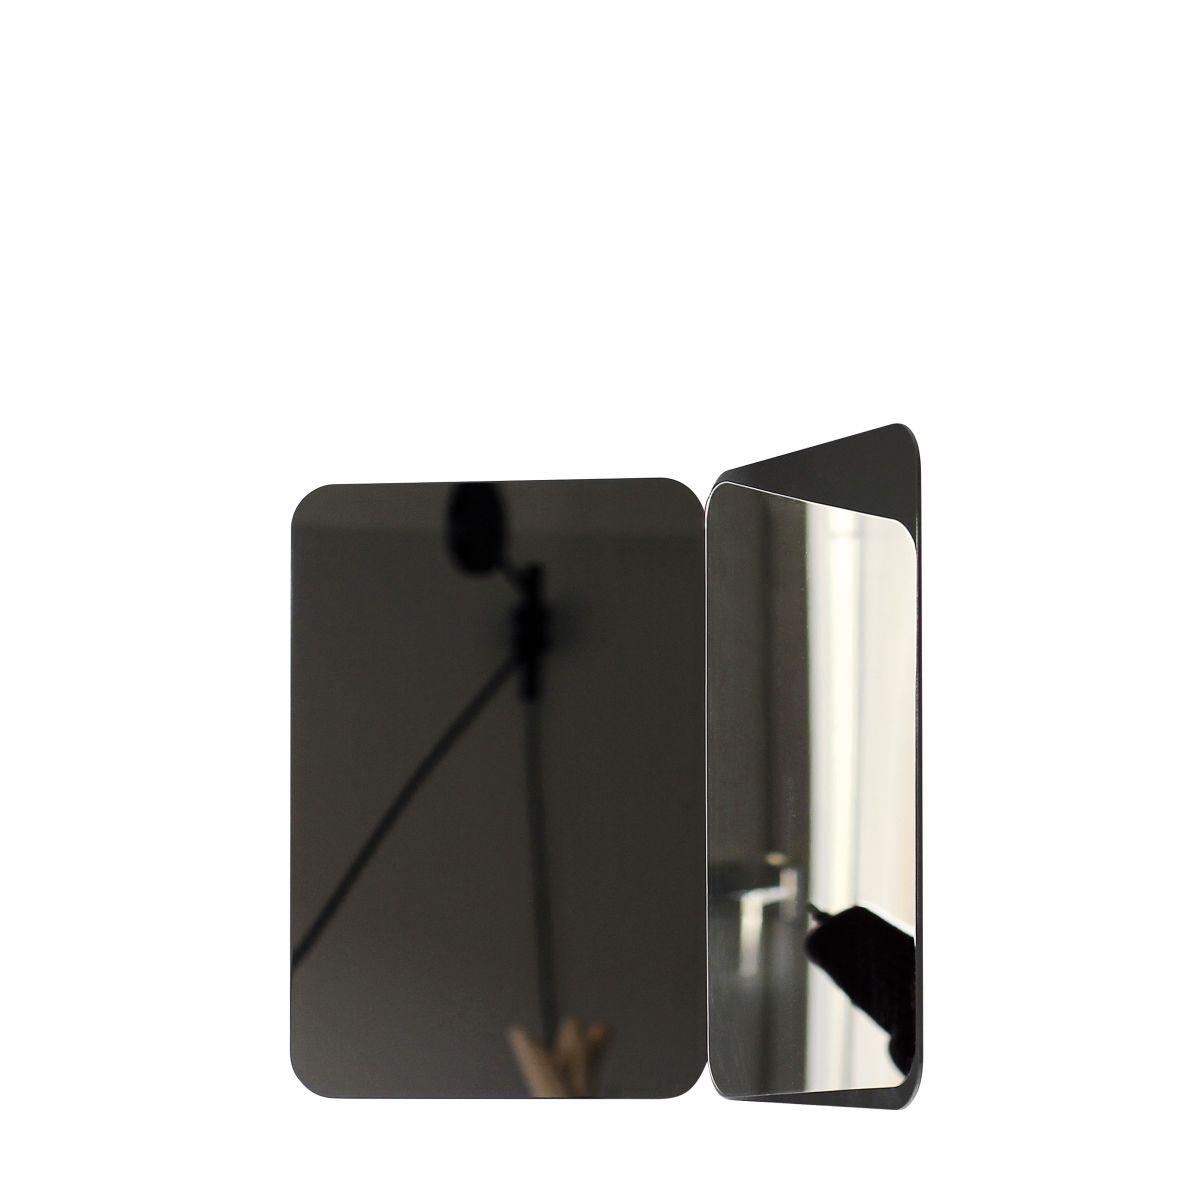 124° Mirror small_1